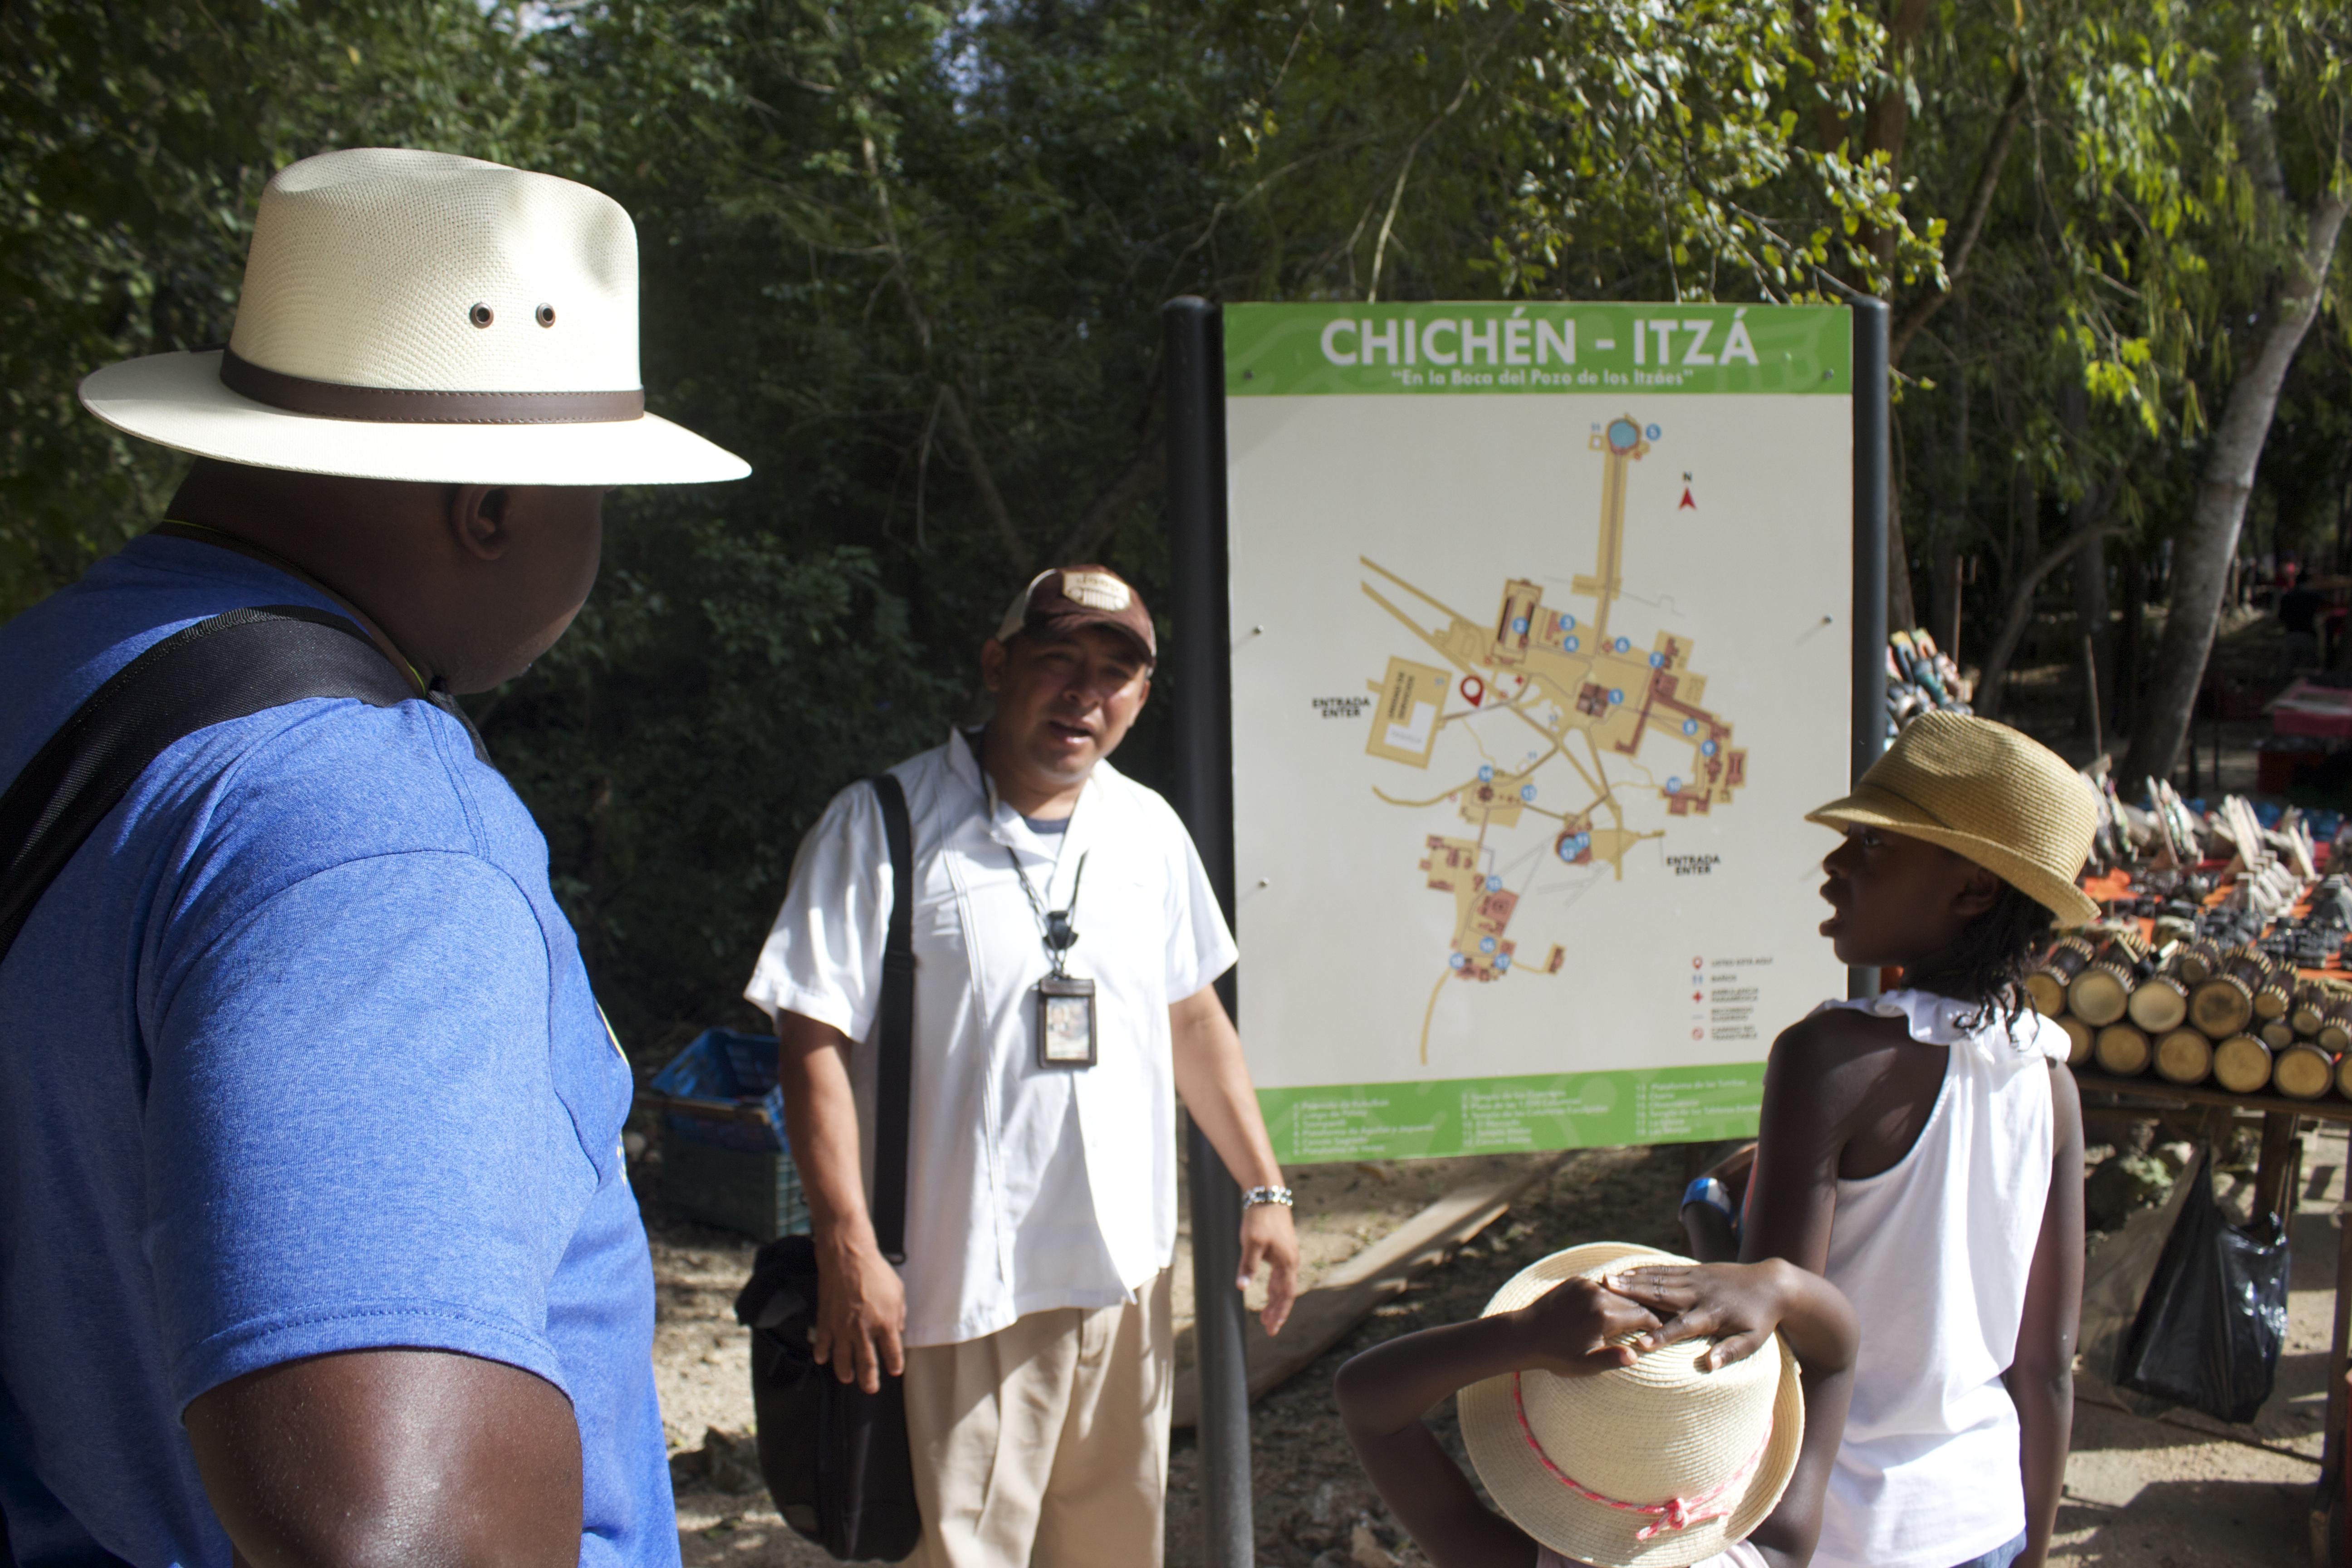 chichen itza tour guide